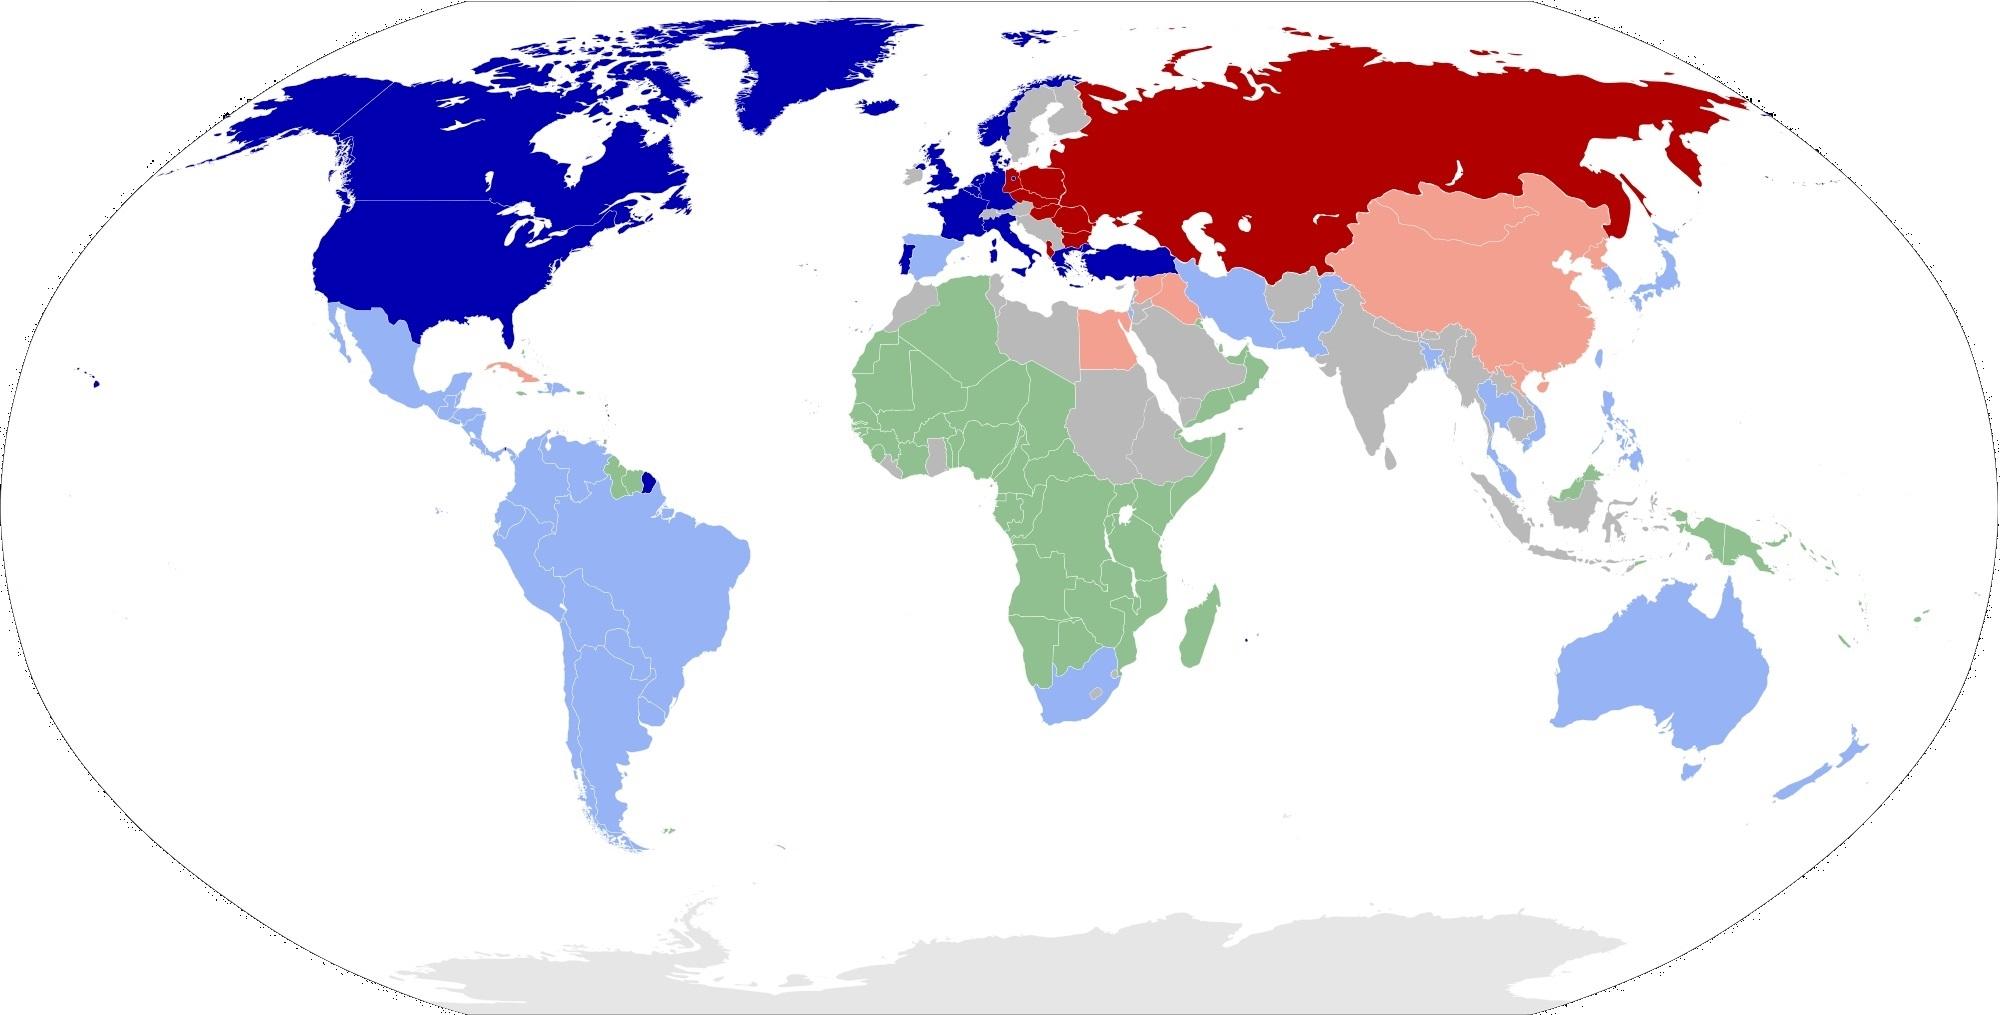 3 cuộc chiến tranh thế giới đã được Illuminati sắp đặt từ thế kỷ 19 - ảnh 4